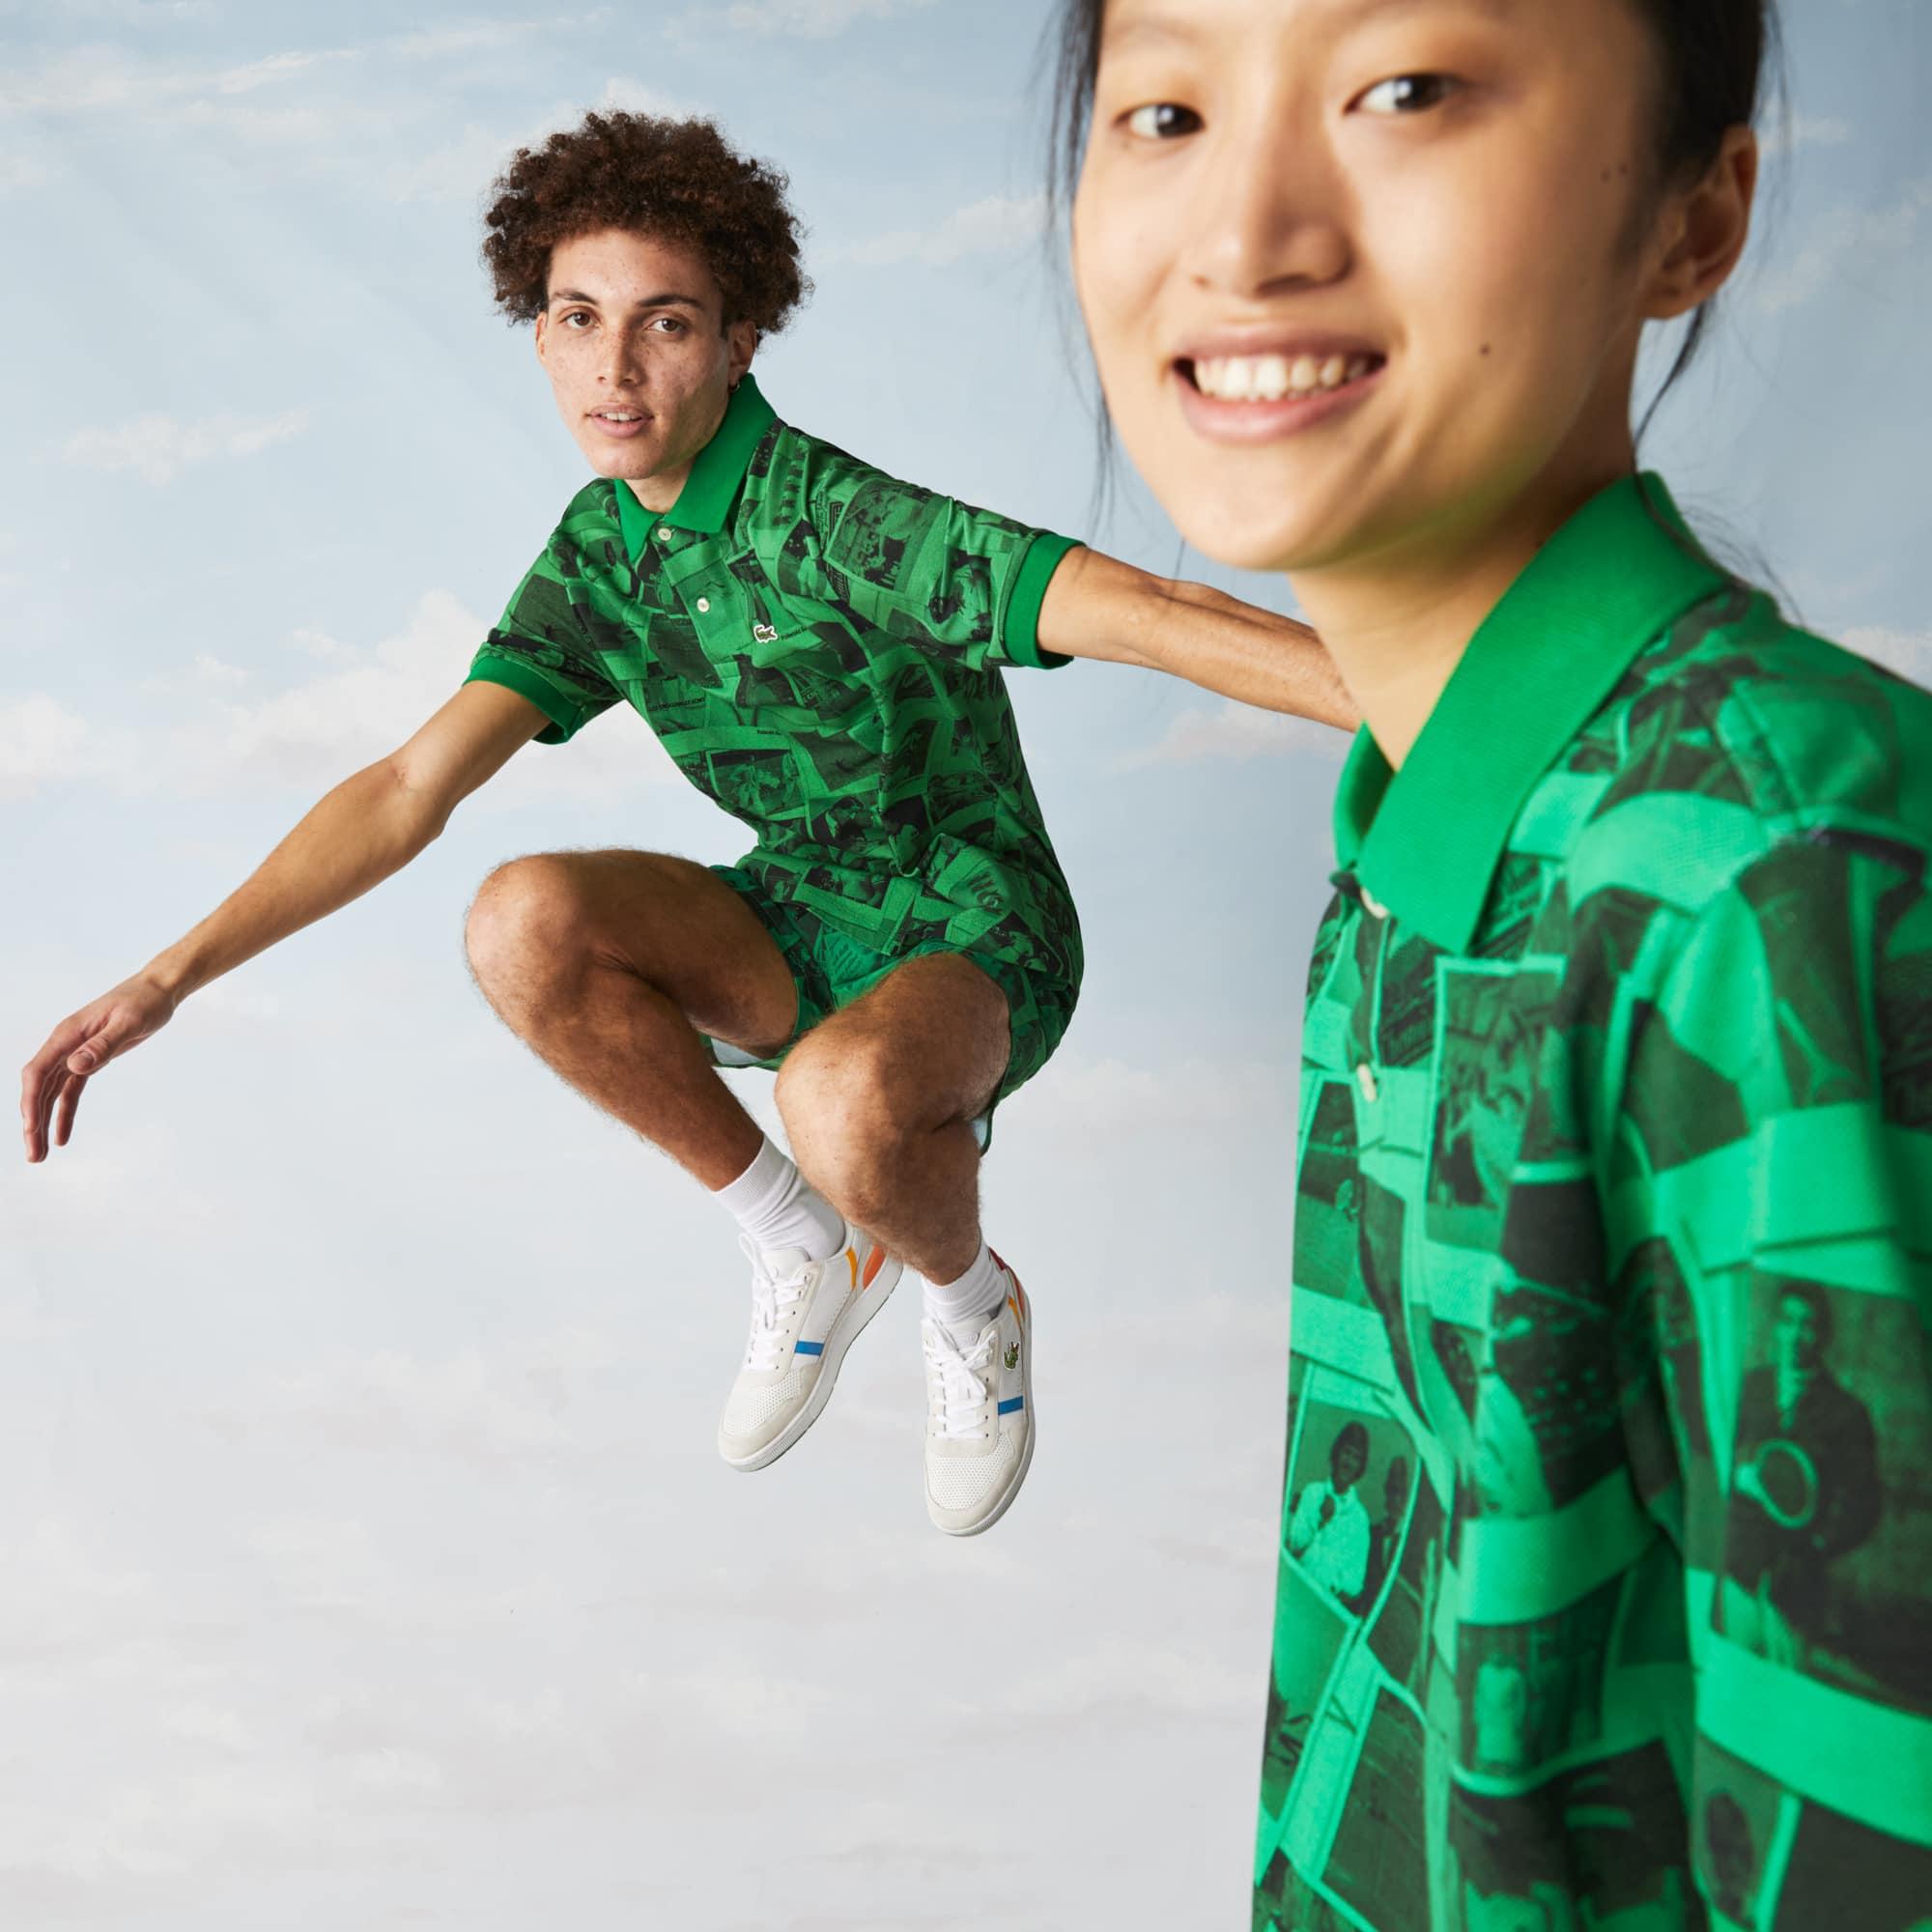 라코스테 남녀공용 라이브 라코스테 Lacoste Unisex LIVE Polaroid Collaboration Loose Fit Printed Polo